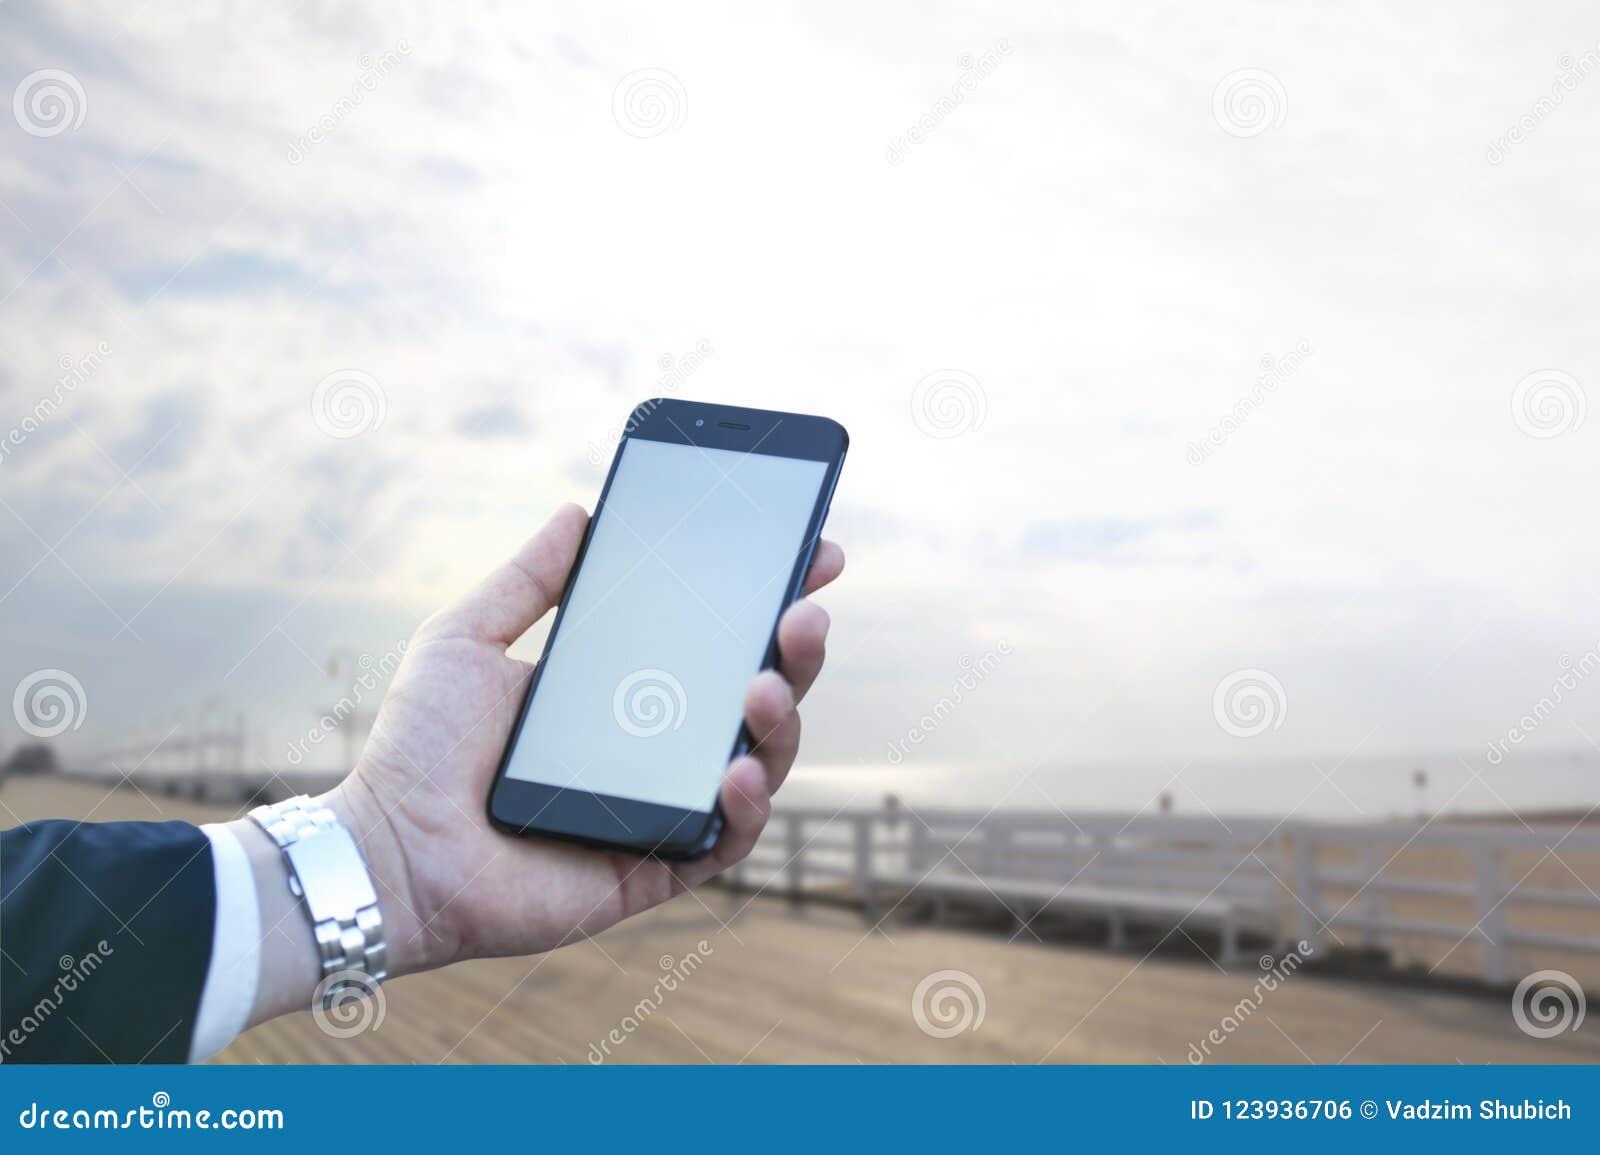 Het aanrakingsscherm van een mobiele telefoon, in de hand van een zakenman tegen de achtergrond van het overzees en de pijler Fot